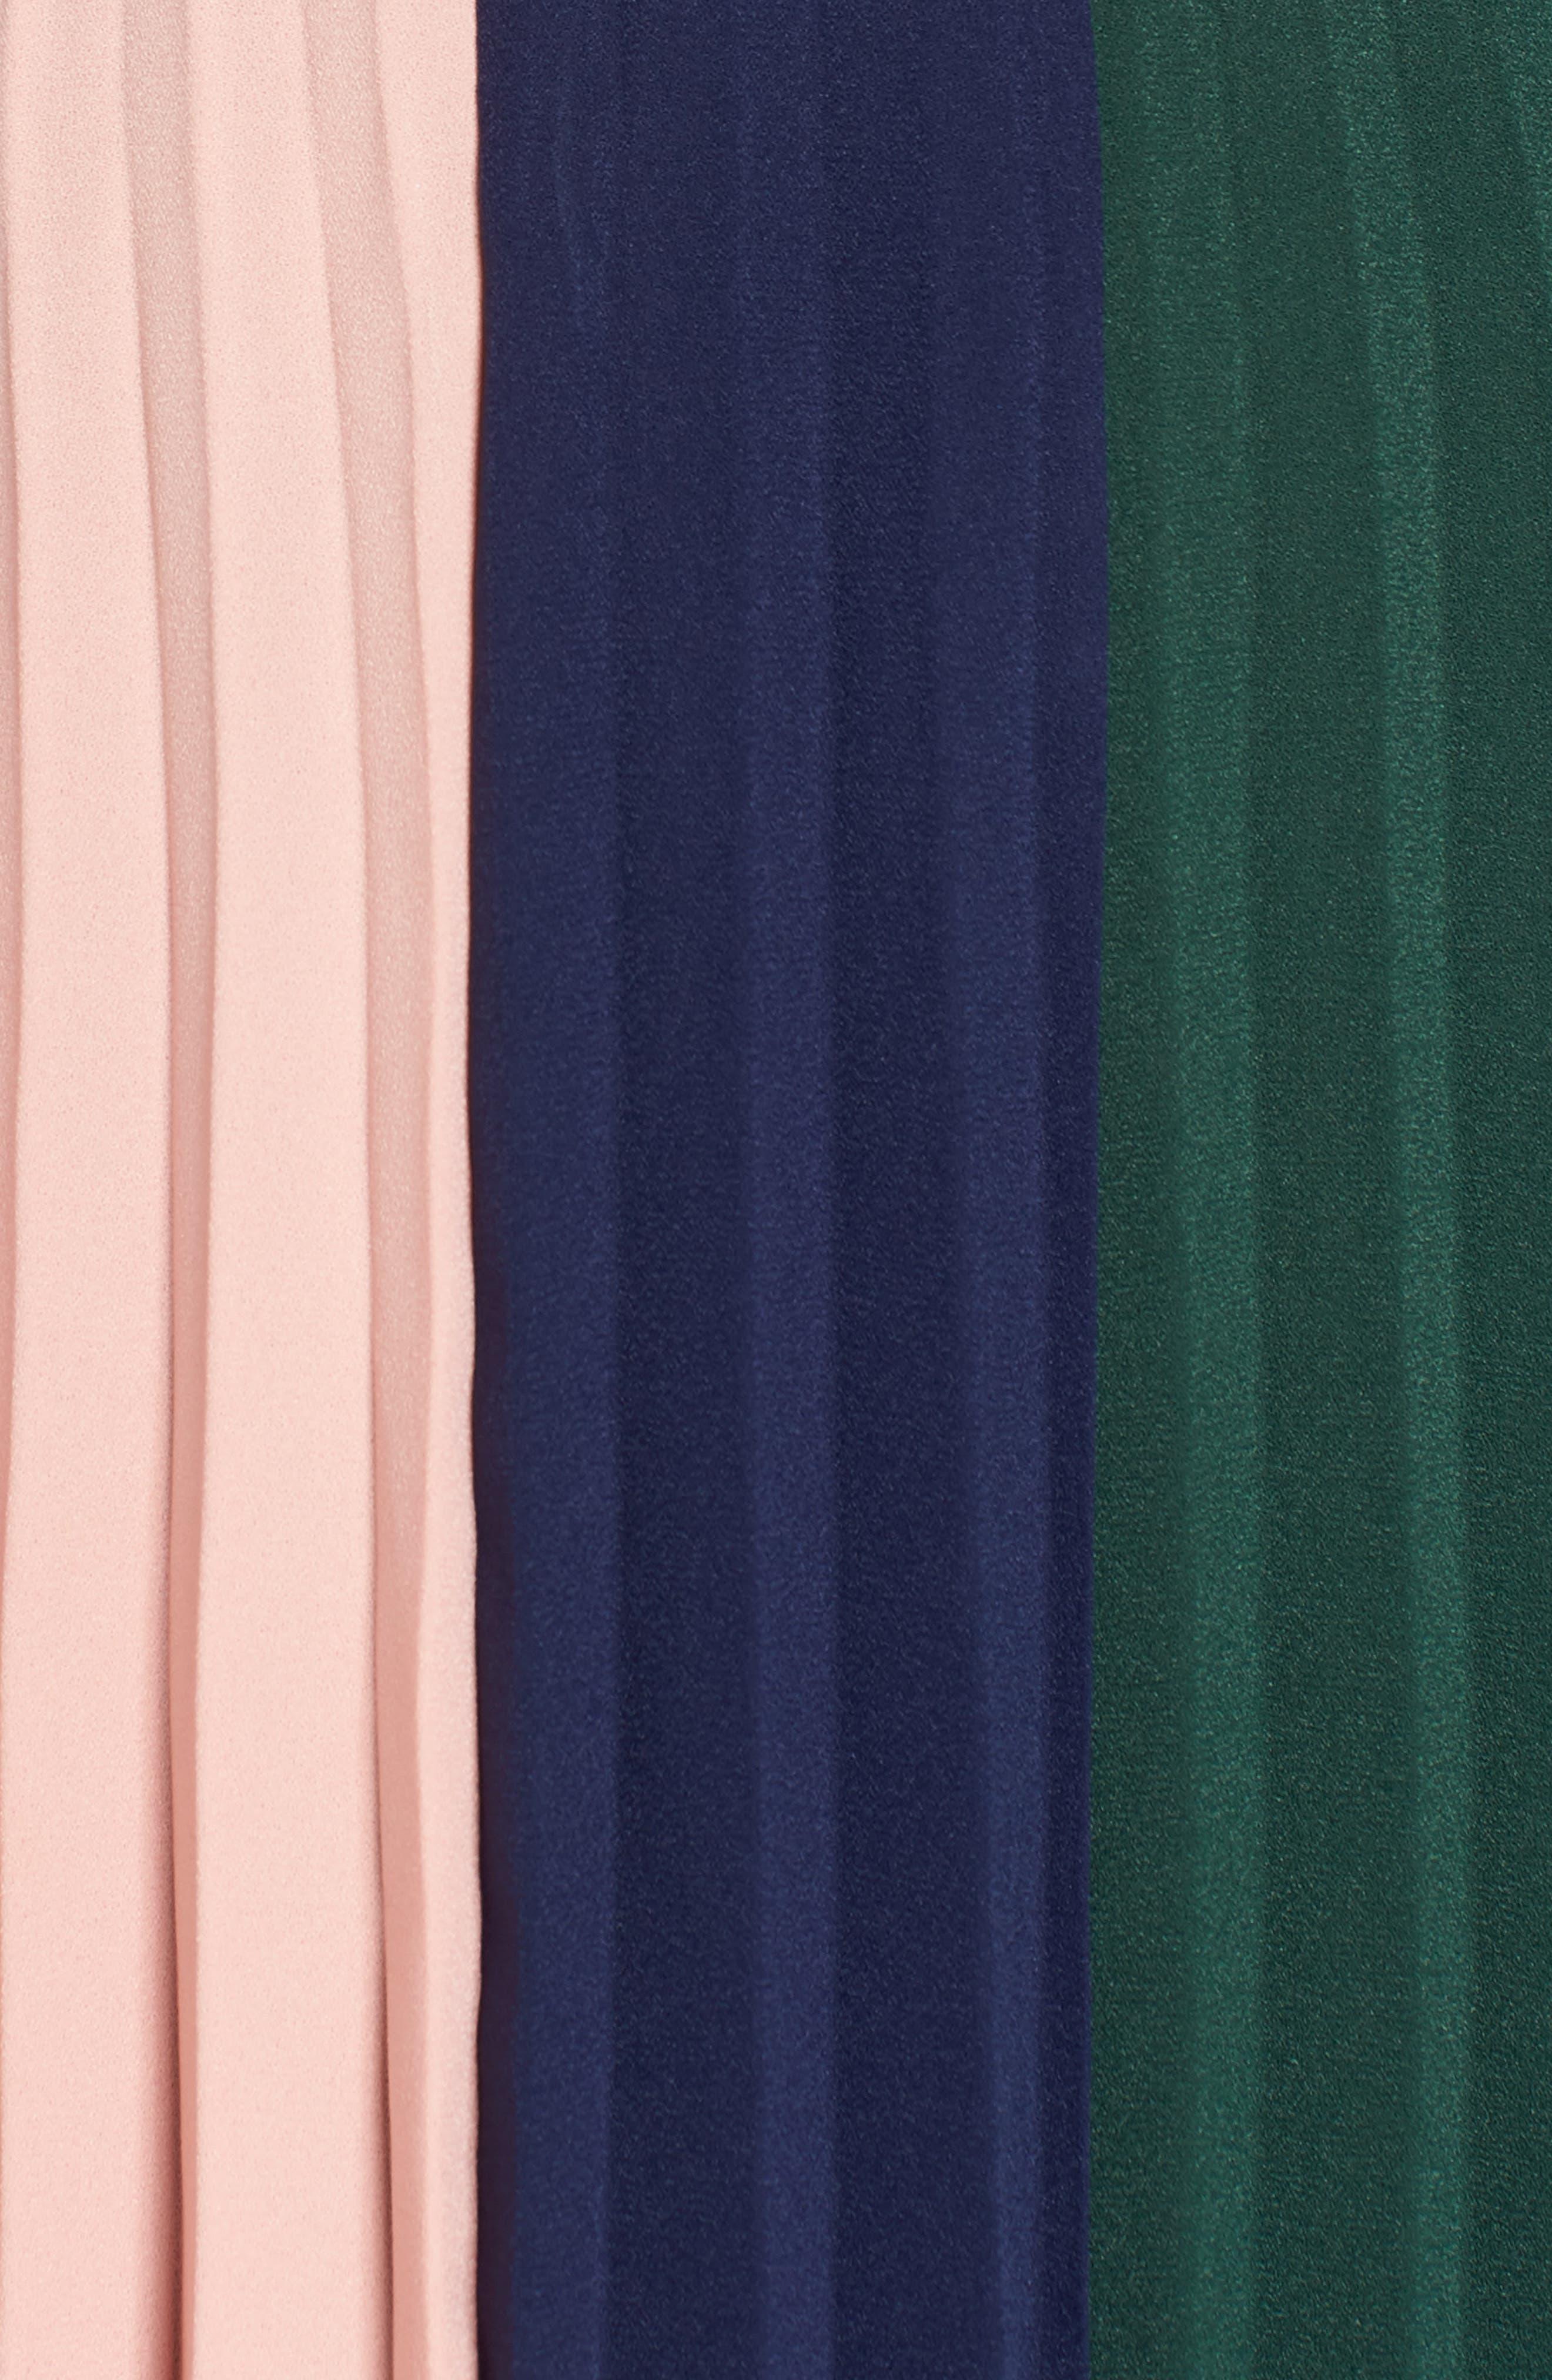 Colorblock Midi Dress,                             Alternate thumbnail 6, color,                             410